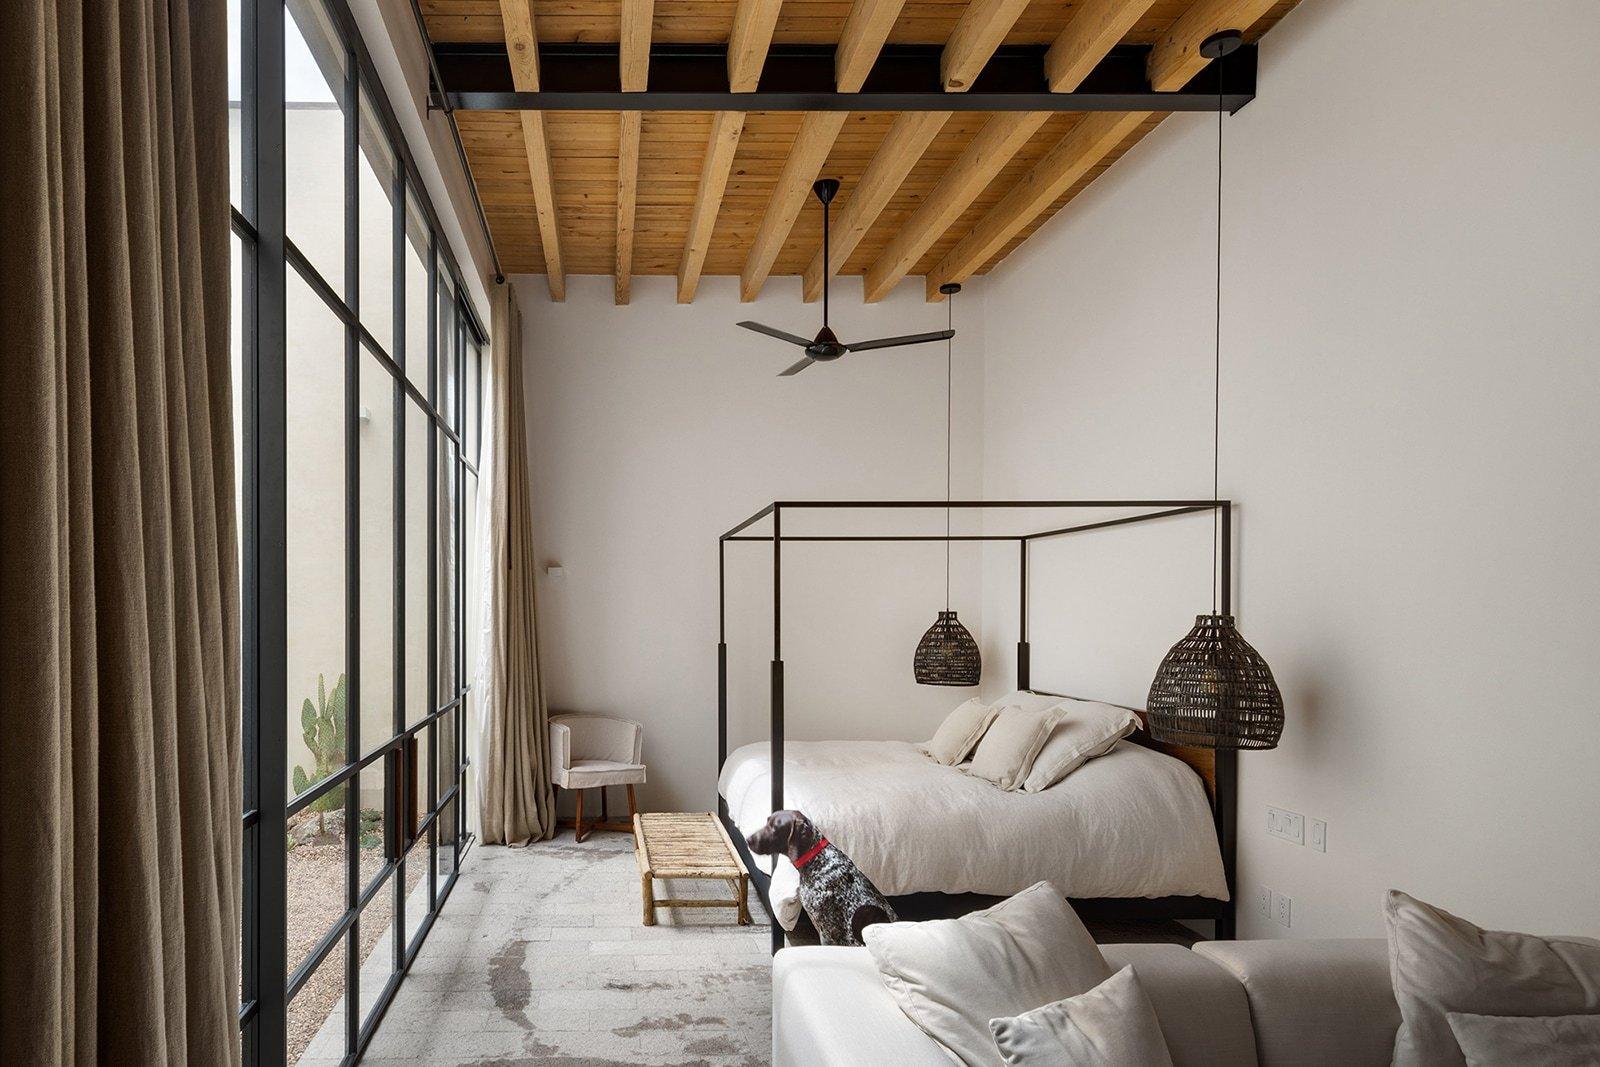 thiết kế phòng ngủ cho giấc ngủ ngon elledecoration vietnam 3